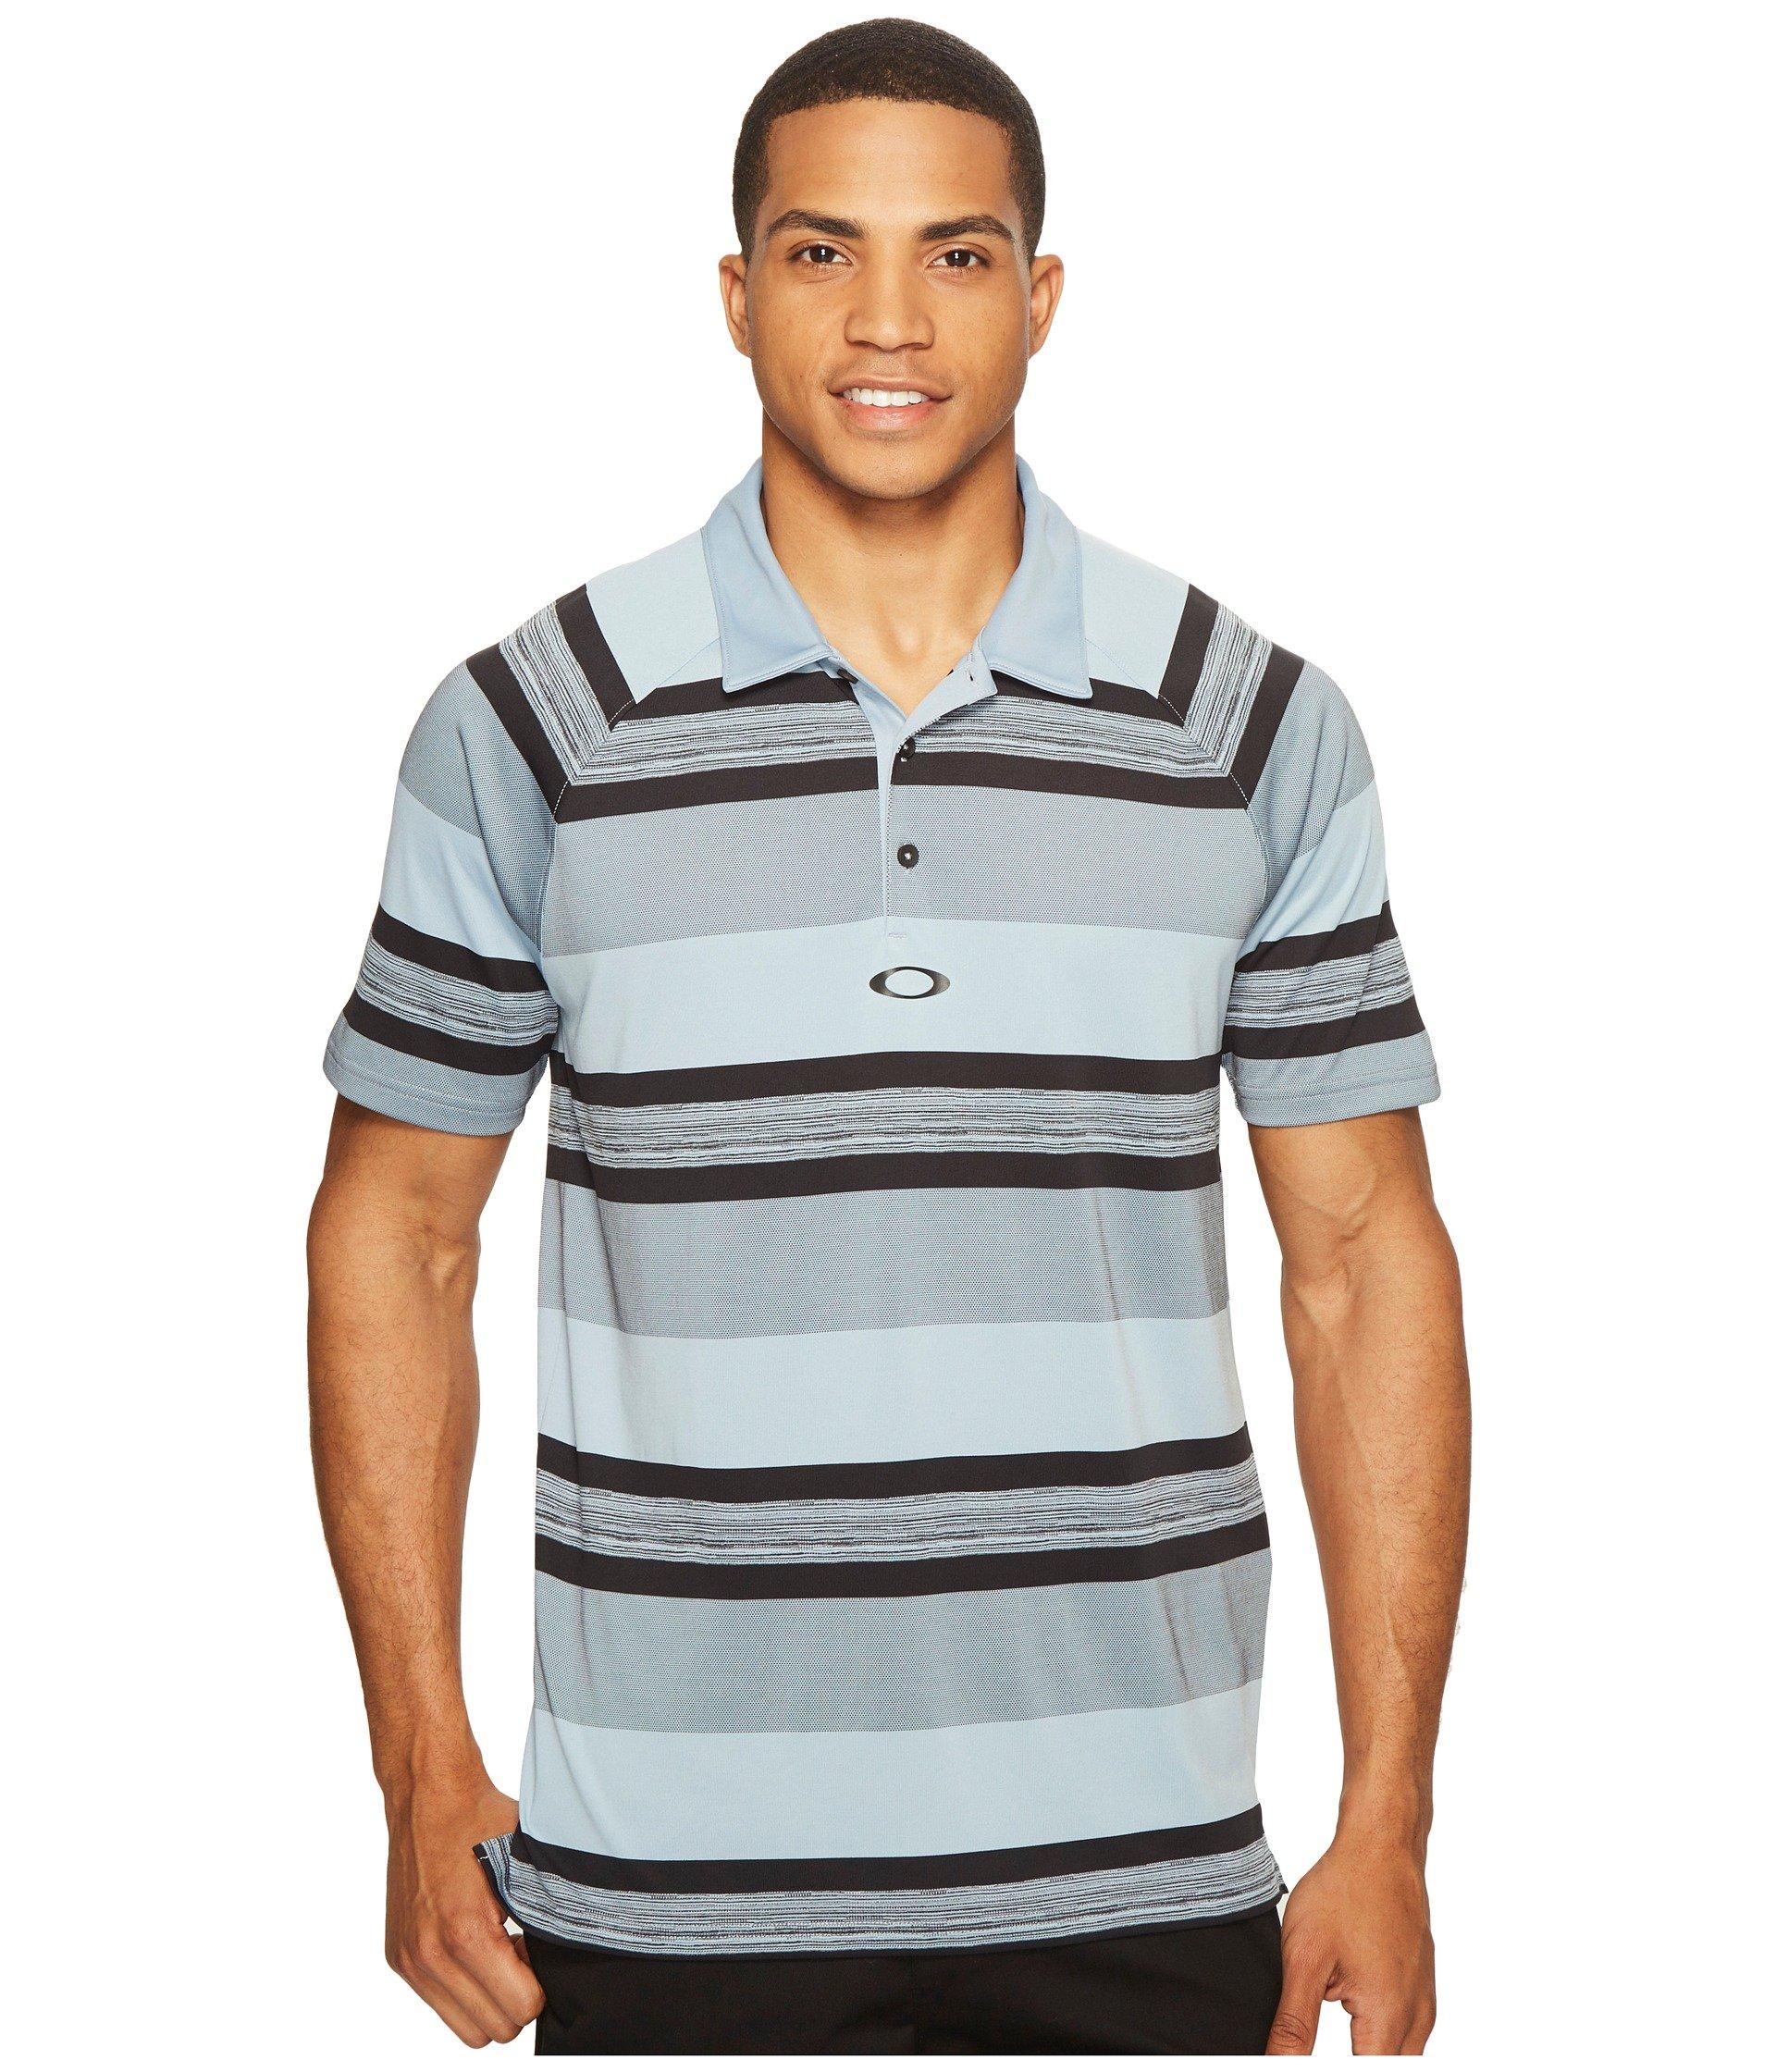 Camiseta Tipo Polo para Hombre Oakley Aviator Polo  + Oakley en VeoyCompro.net